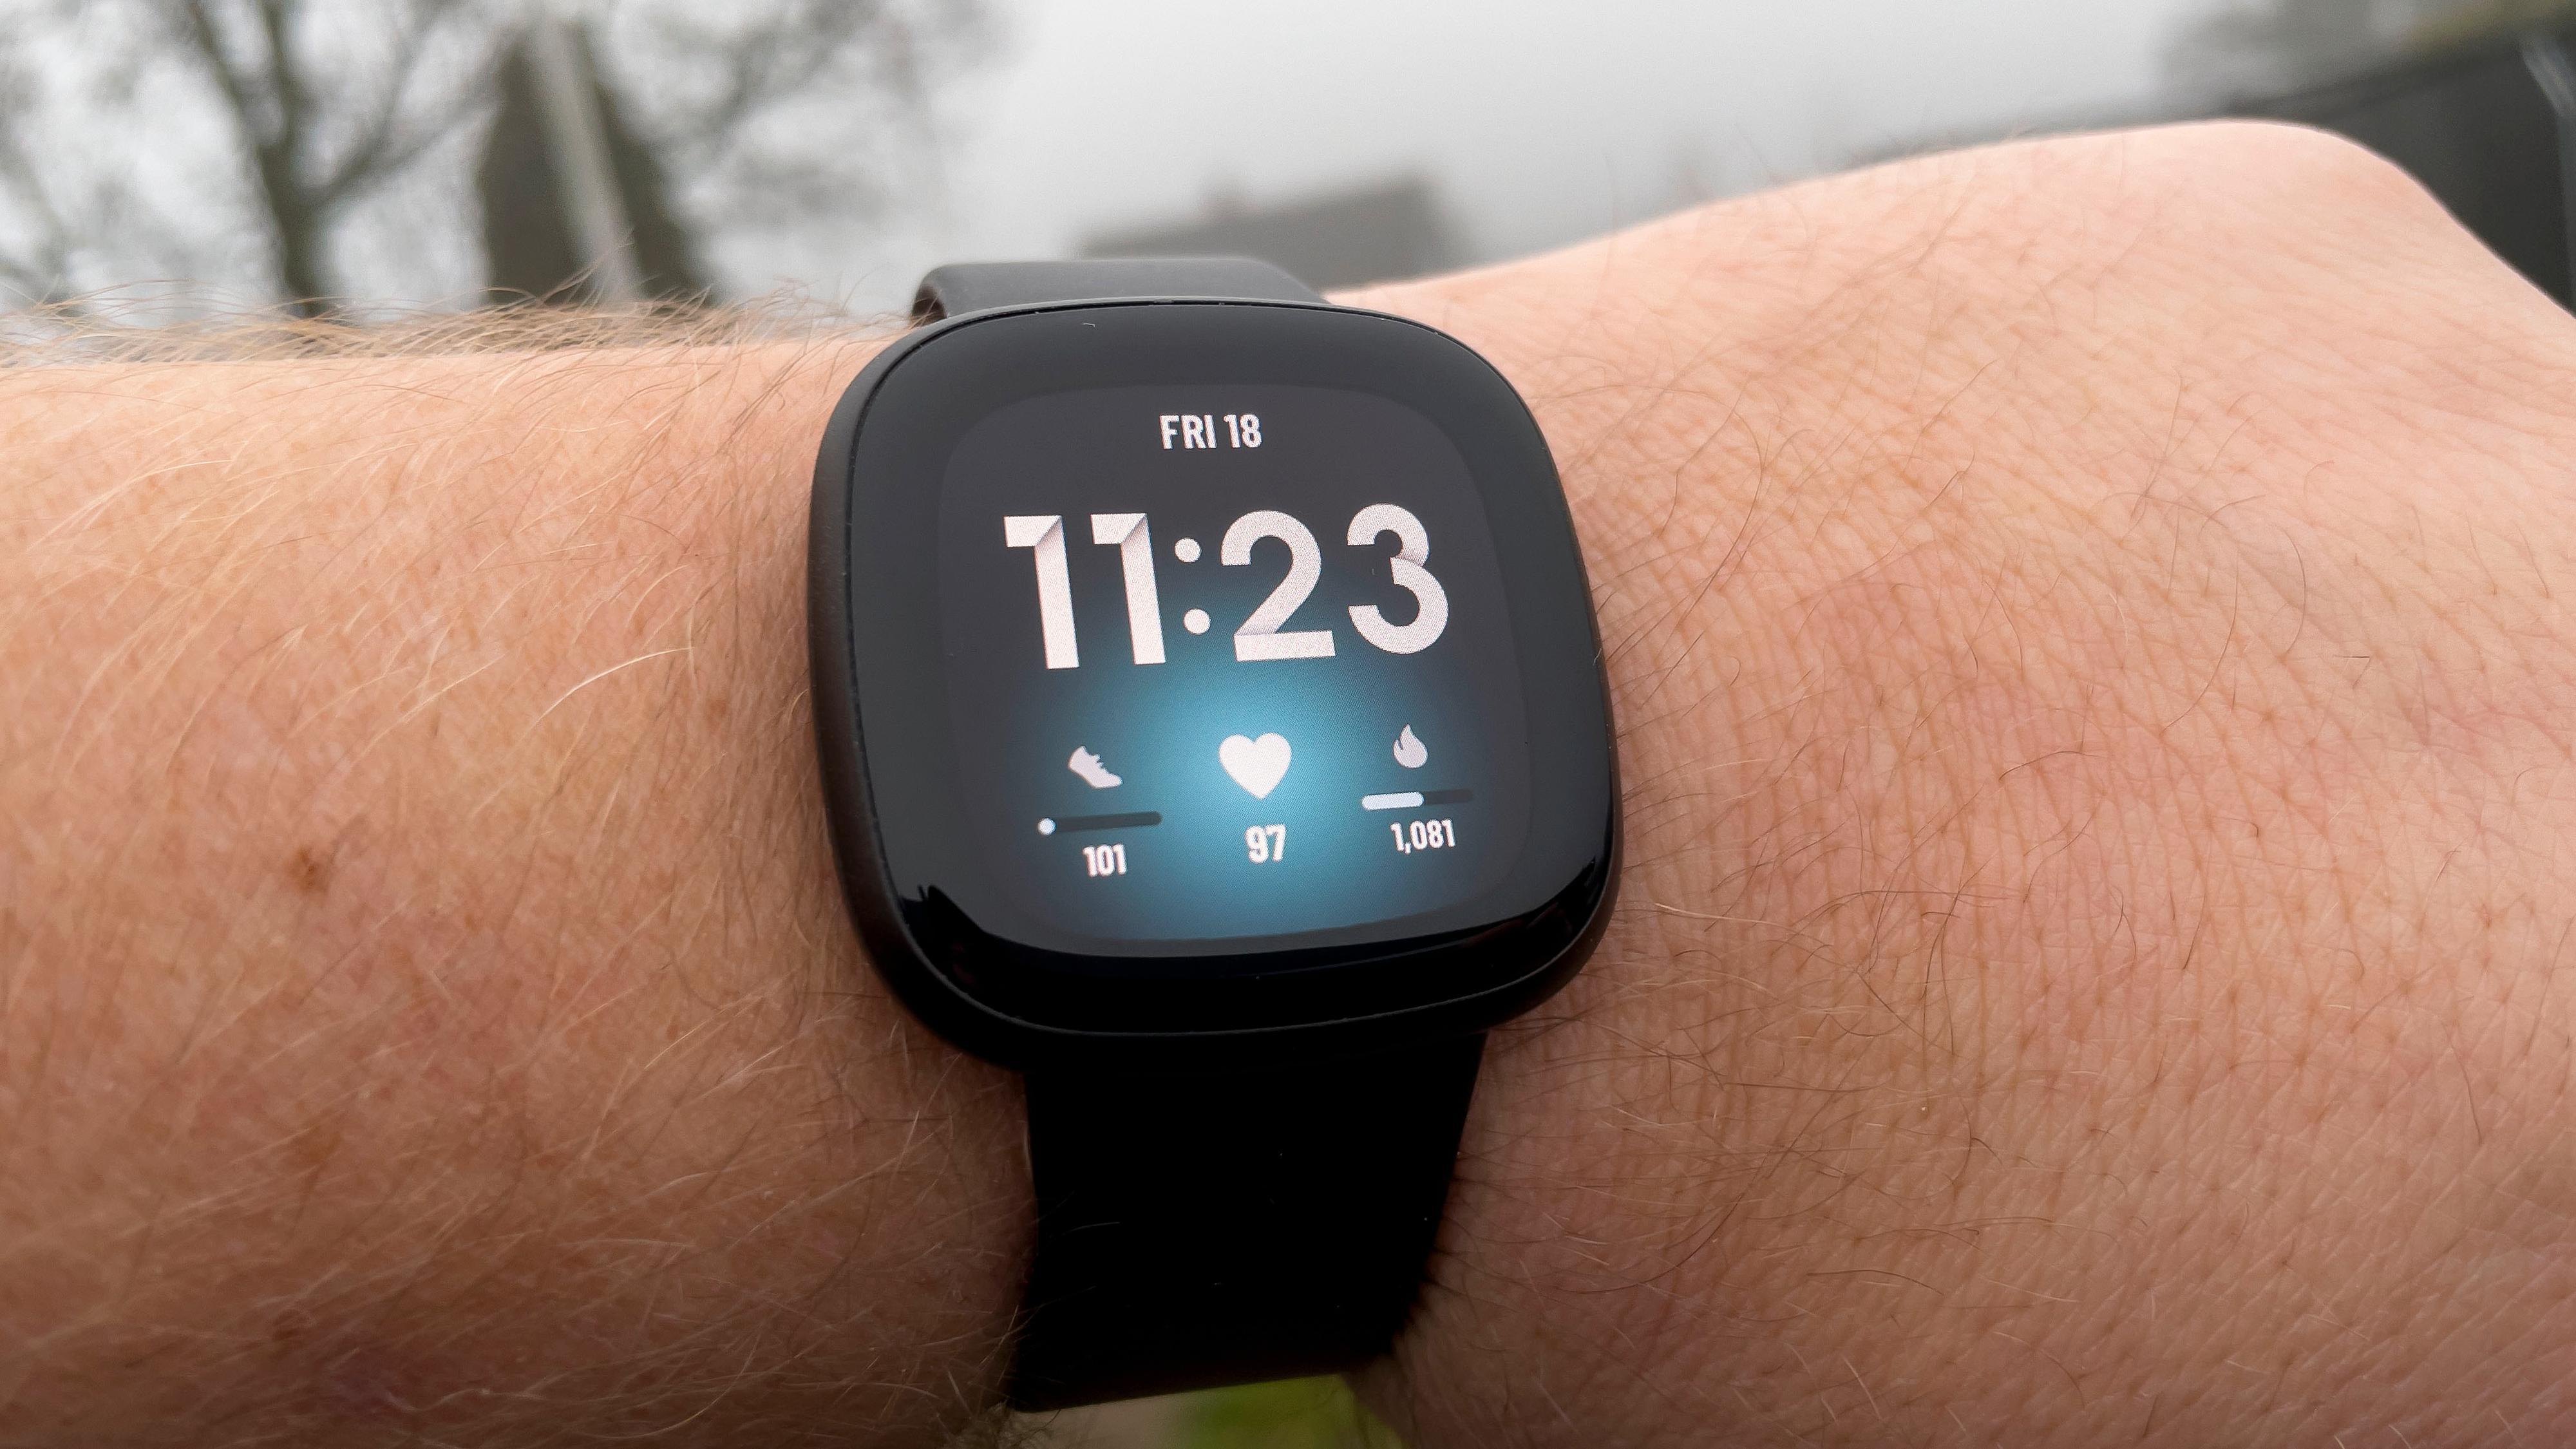 Versa 3 er det beste valget fra Fitbit akkurat nå